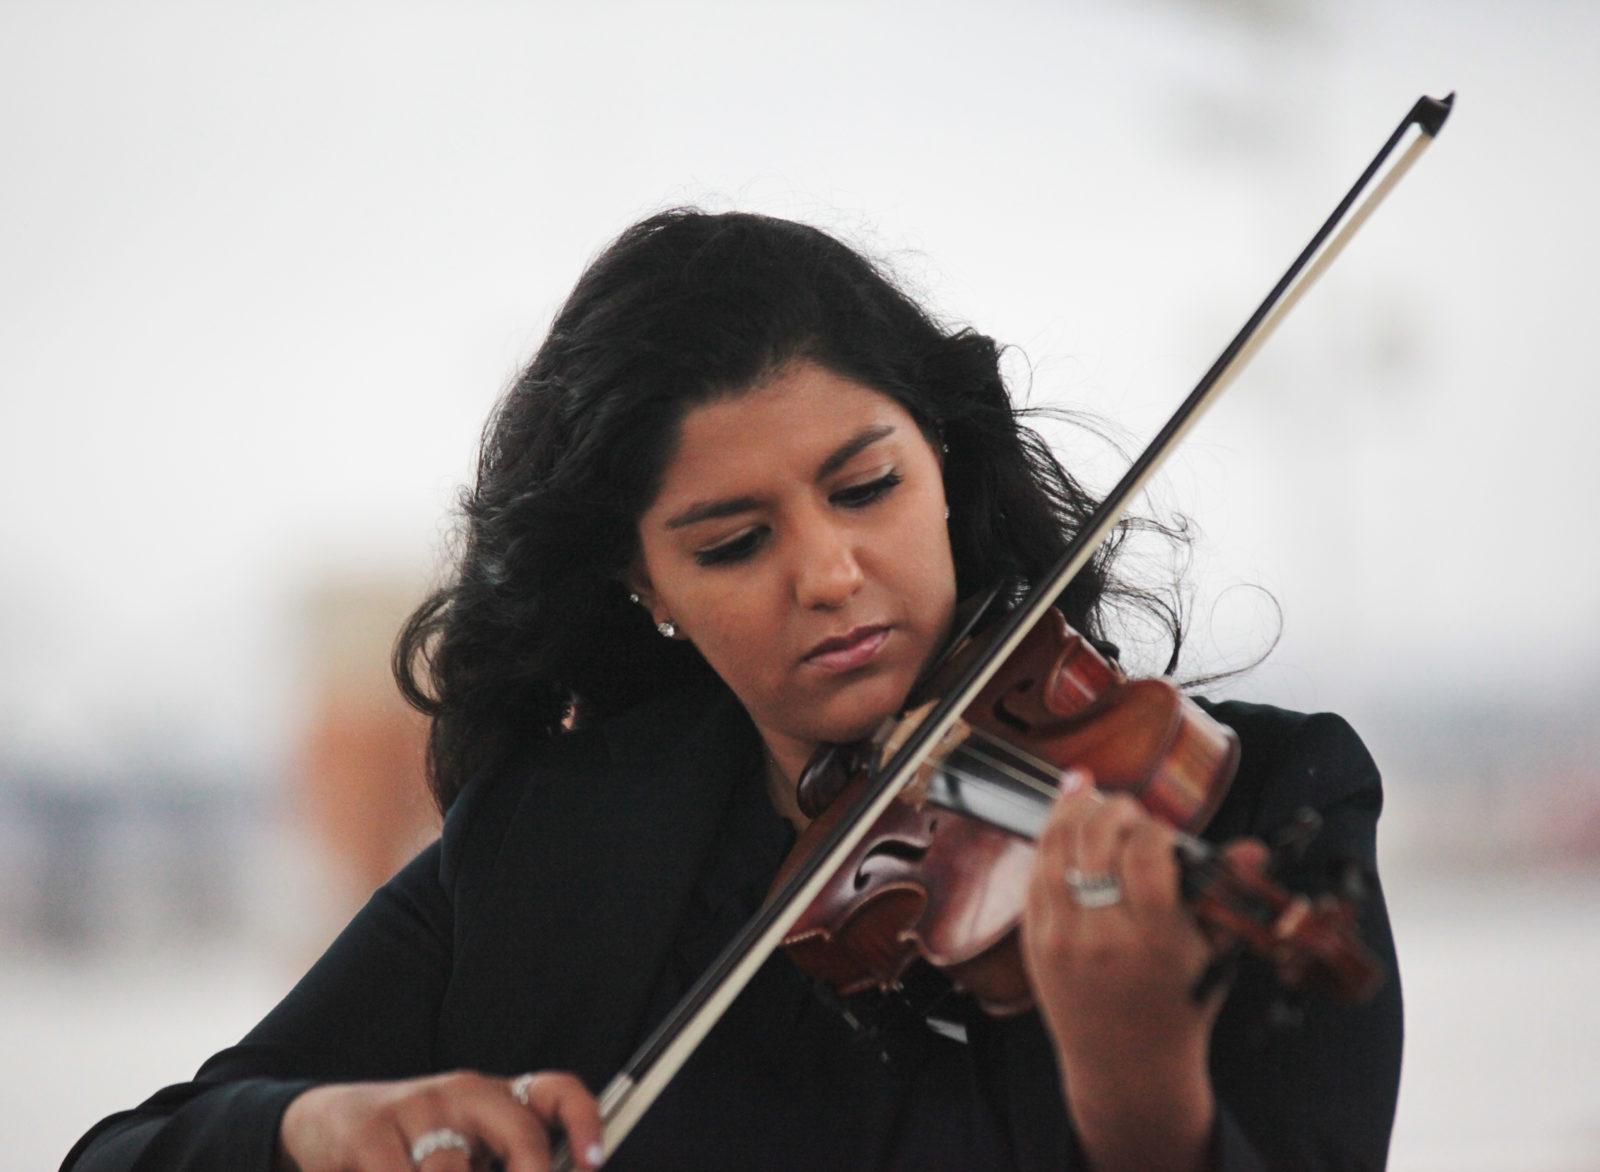 Kaur Careers: Violinist